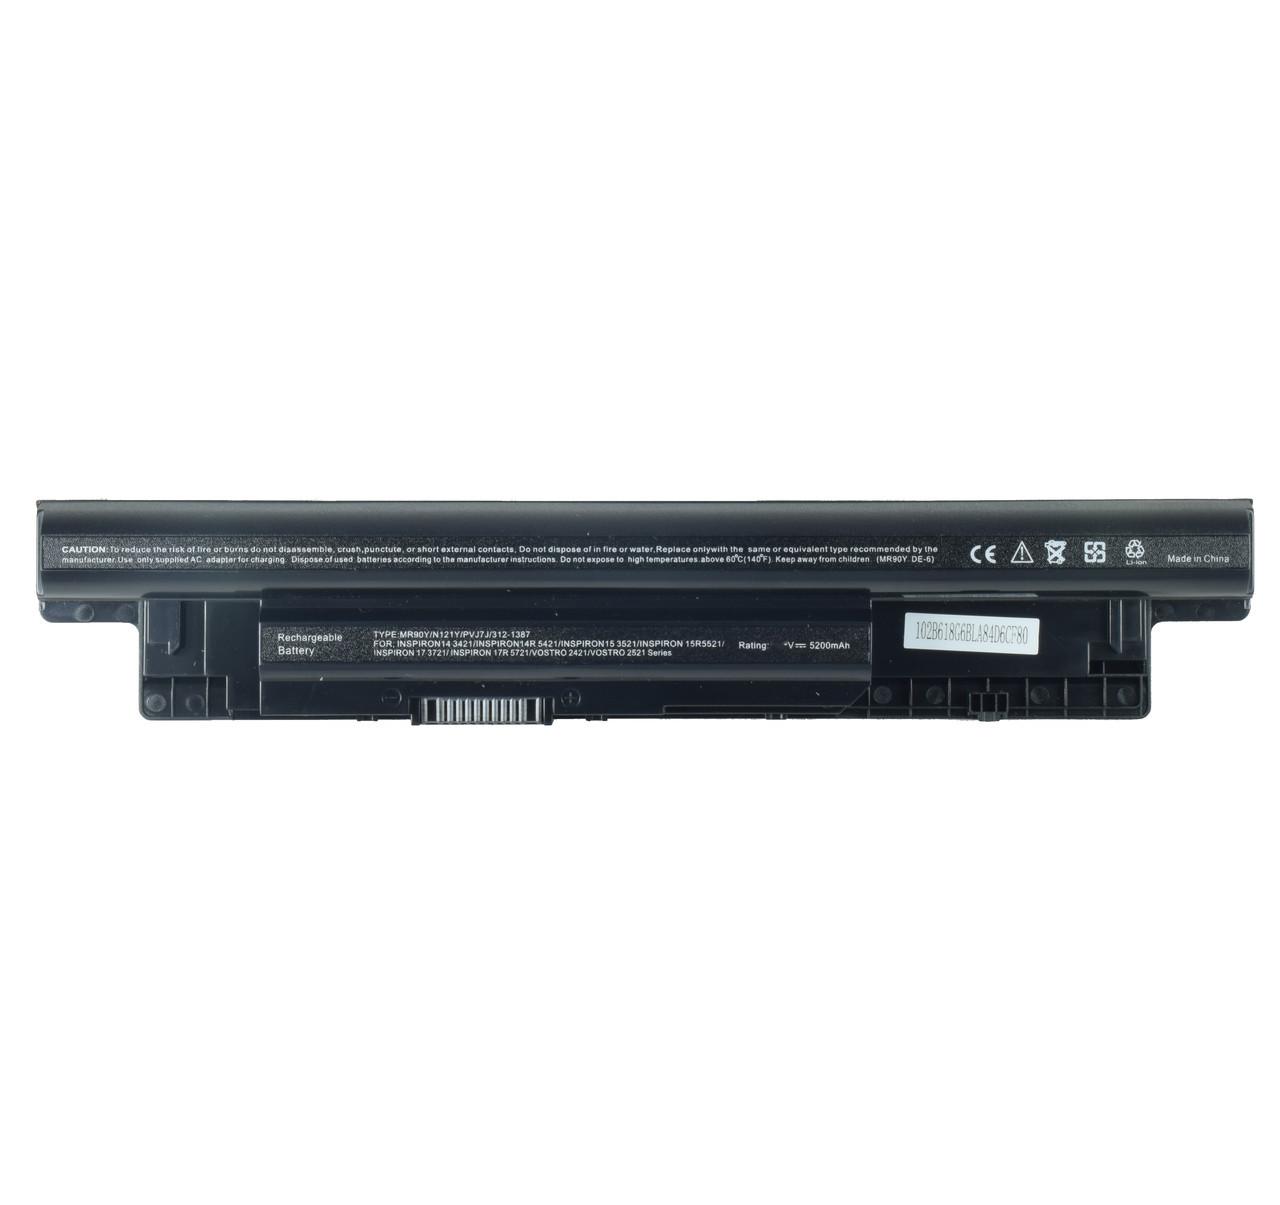 Батарея для ноутбука DELL Inspiron 17R-5737 3443 3531 3543 Latitude 3440 Latitude 3540 Vostro 2421  2521 14.4 В